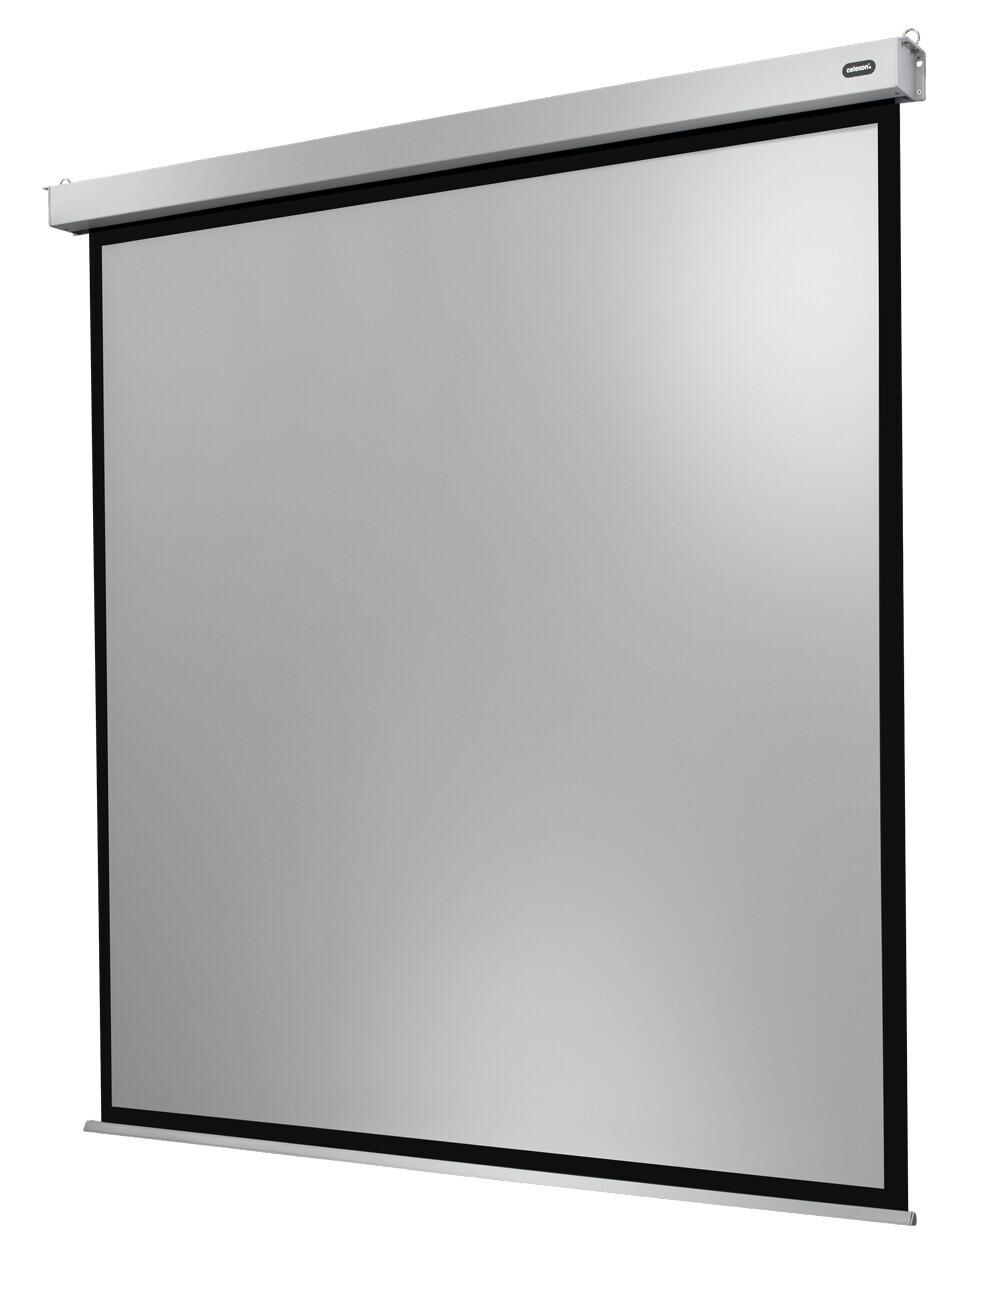 celexon schermo motorizzato Professional Plus 280 x 280 cm